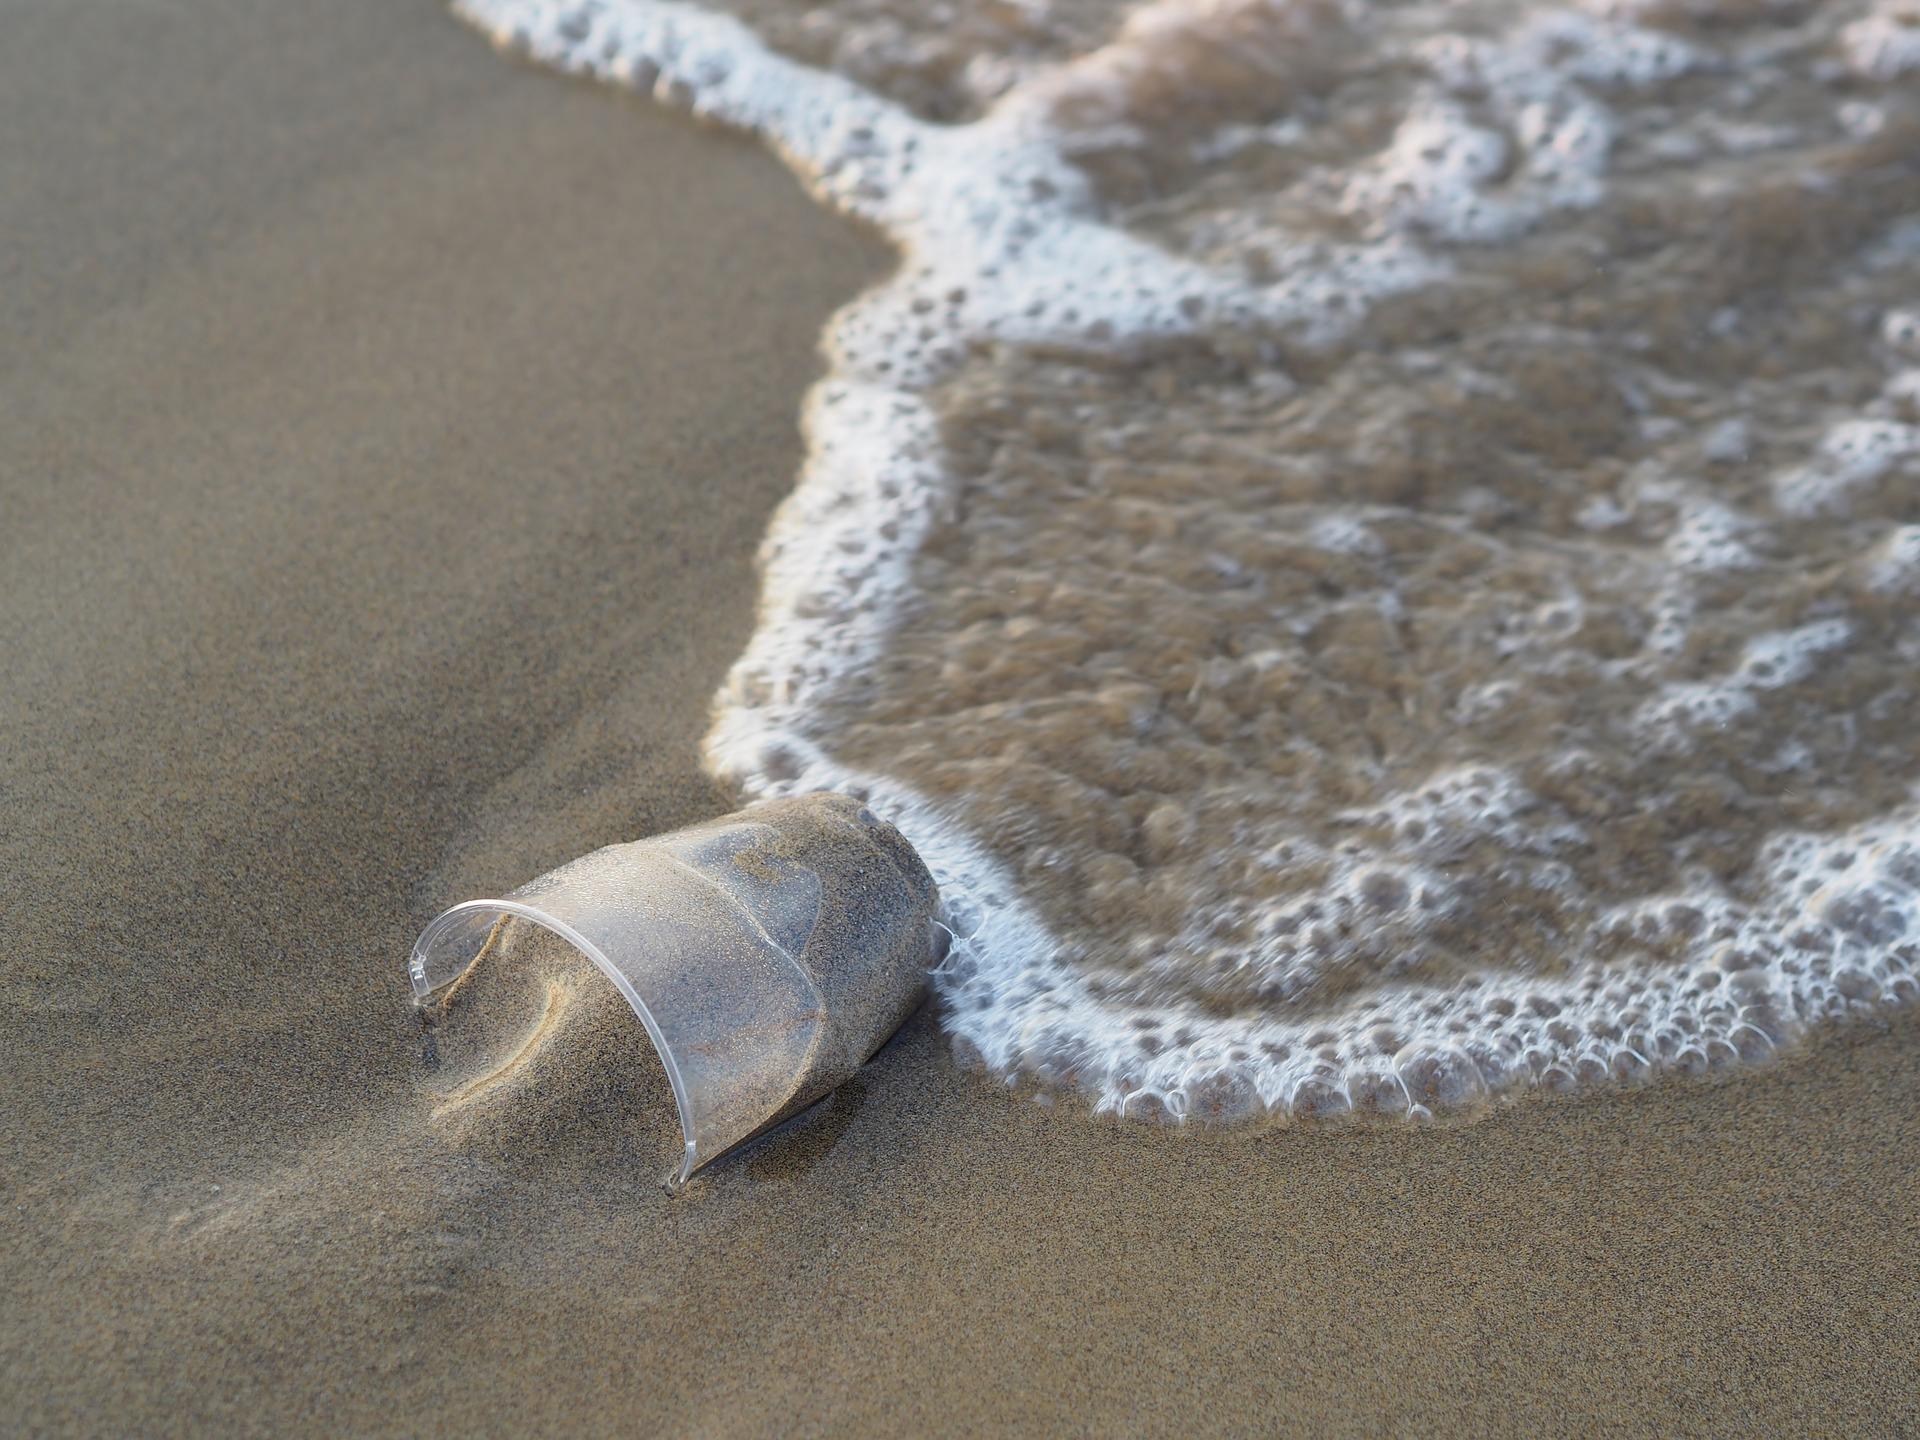 Primer acuerdo para reducir el consumo de plásticos: empresas internacionales se unen por un beneficio común